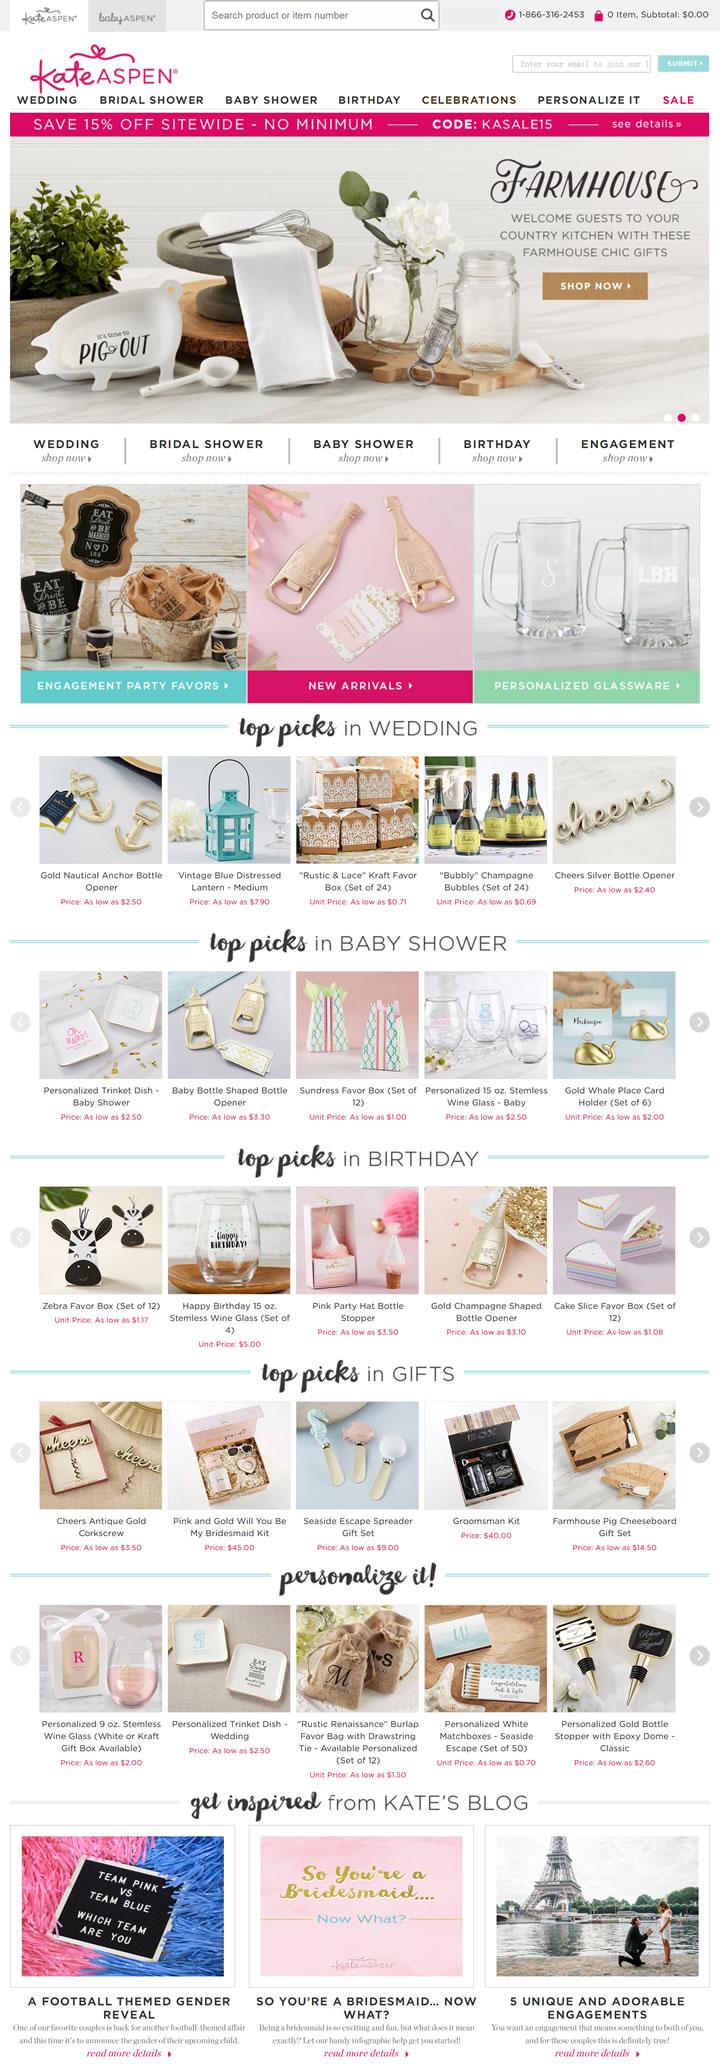 美国婚礼和派对礼品网站:Kate Aspen(新娘送礼会、迎婴派对)